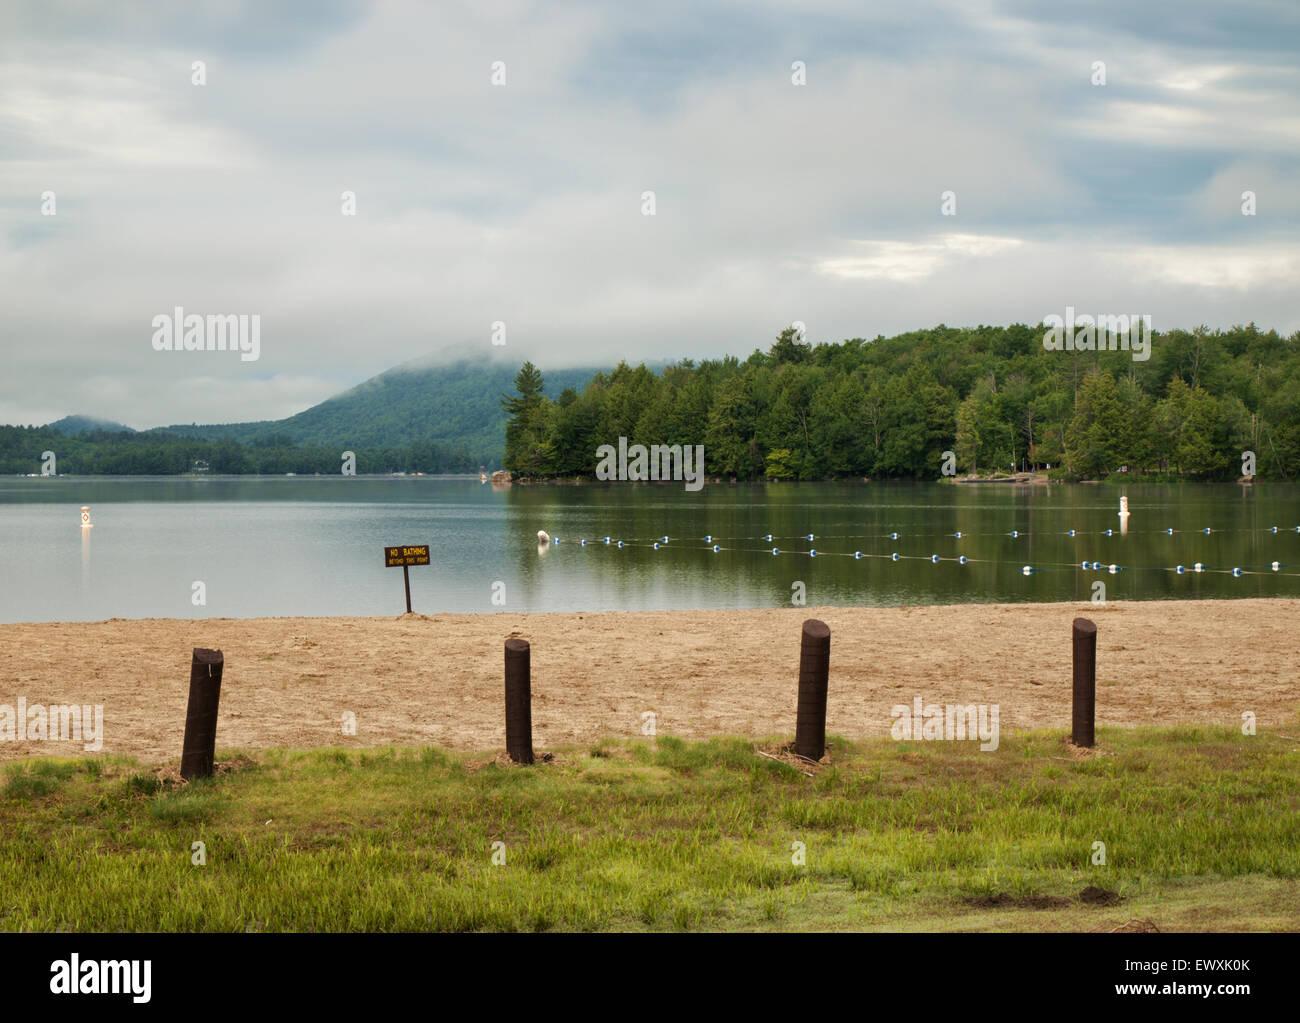 Moffitt Beach on Sacandaga Lake in the Adirondack State Park, New York - Stock Image